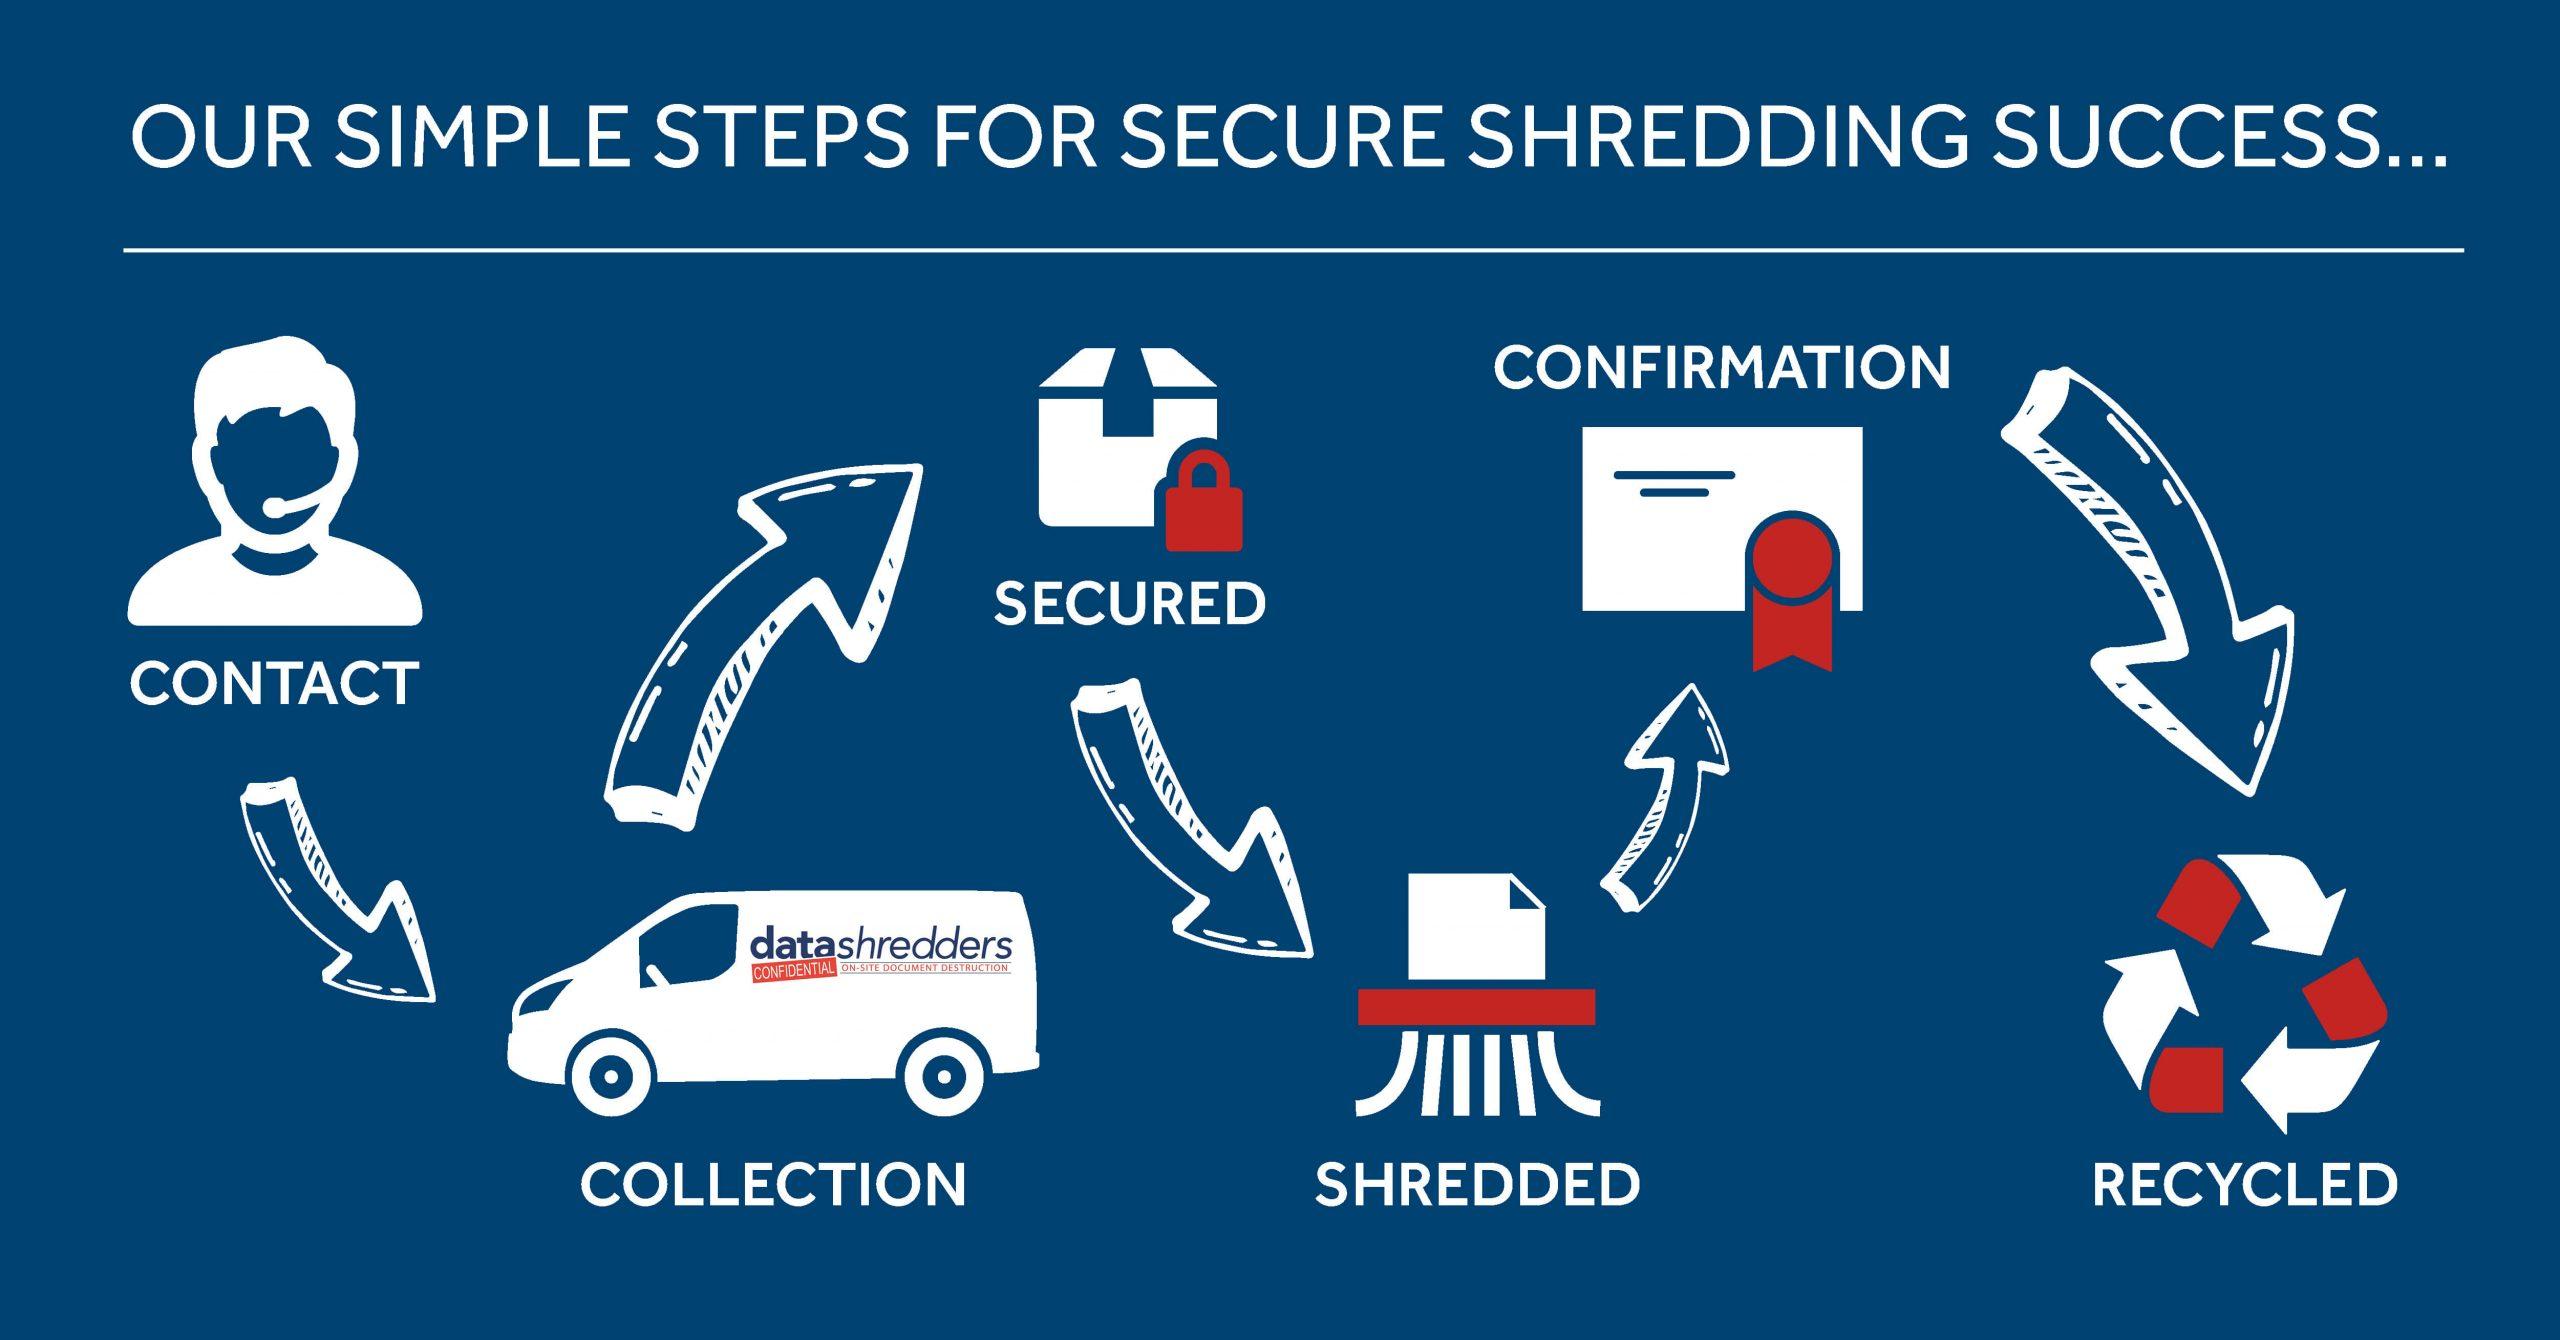 Data_shredders_social_infographic